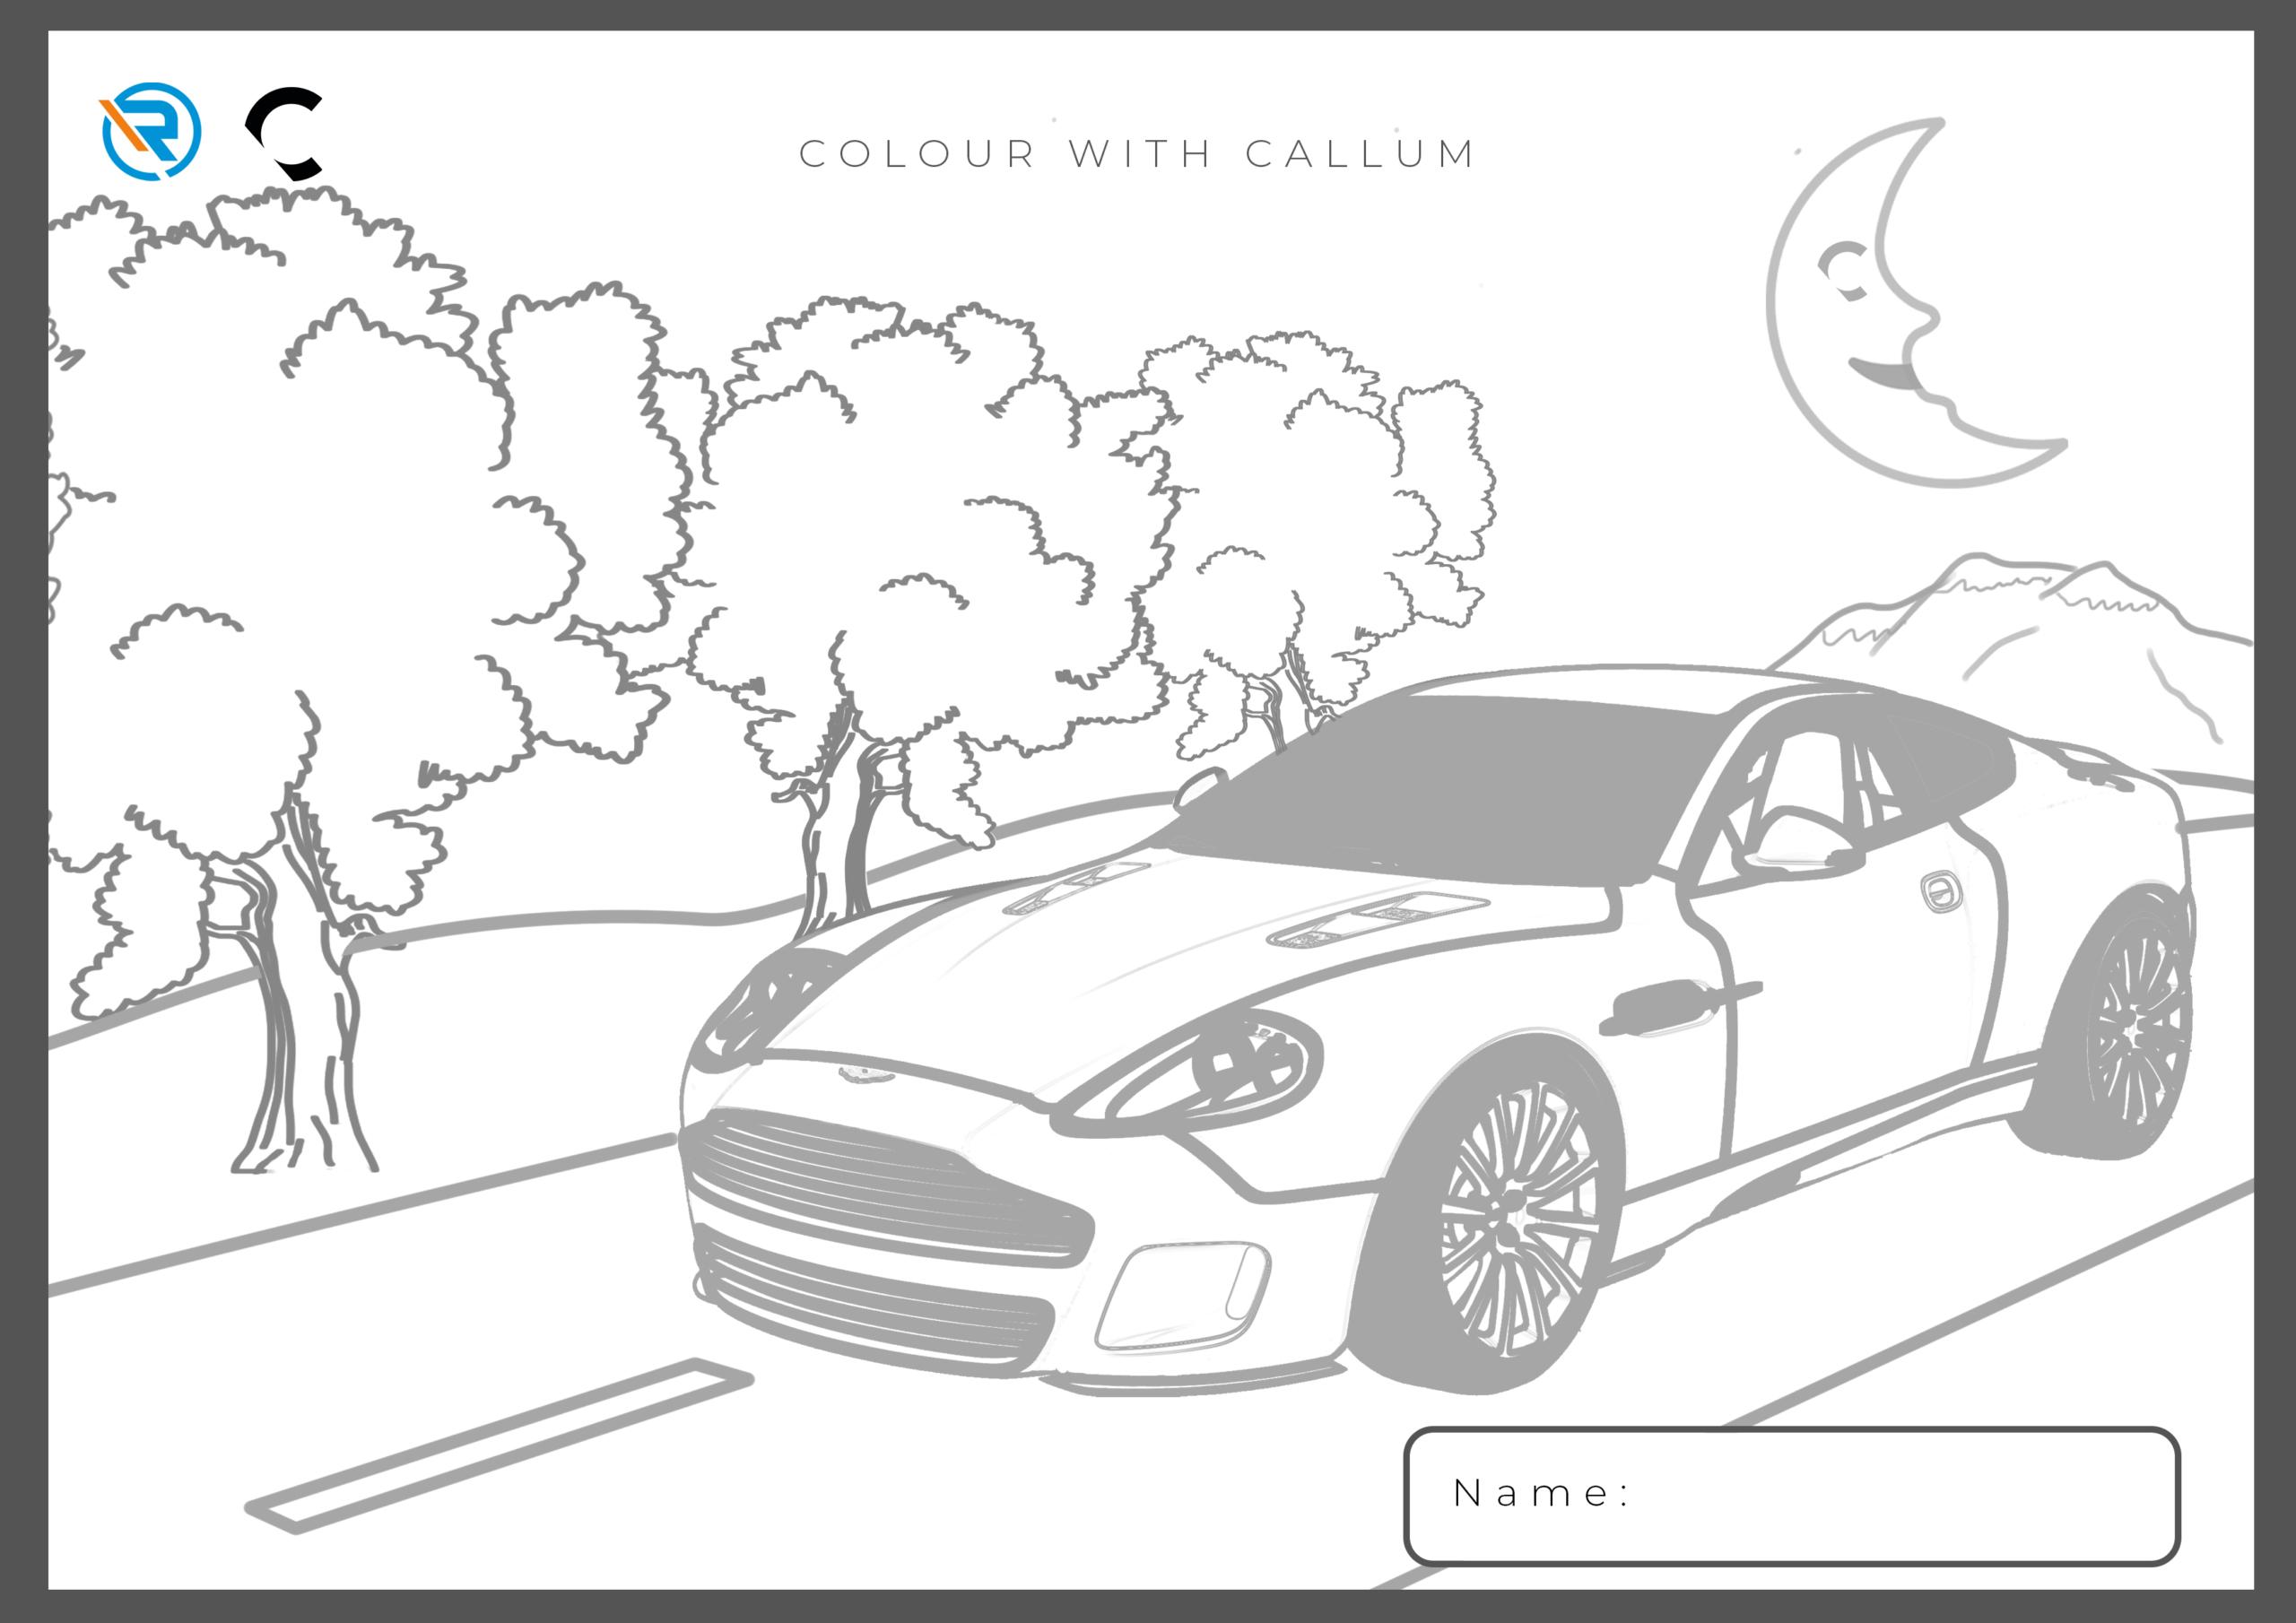 Colour with Callum 2